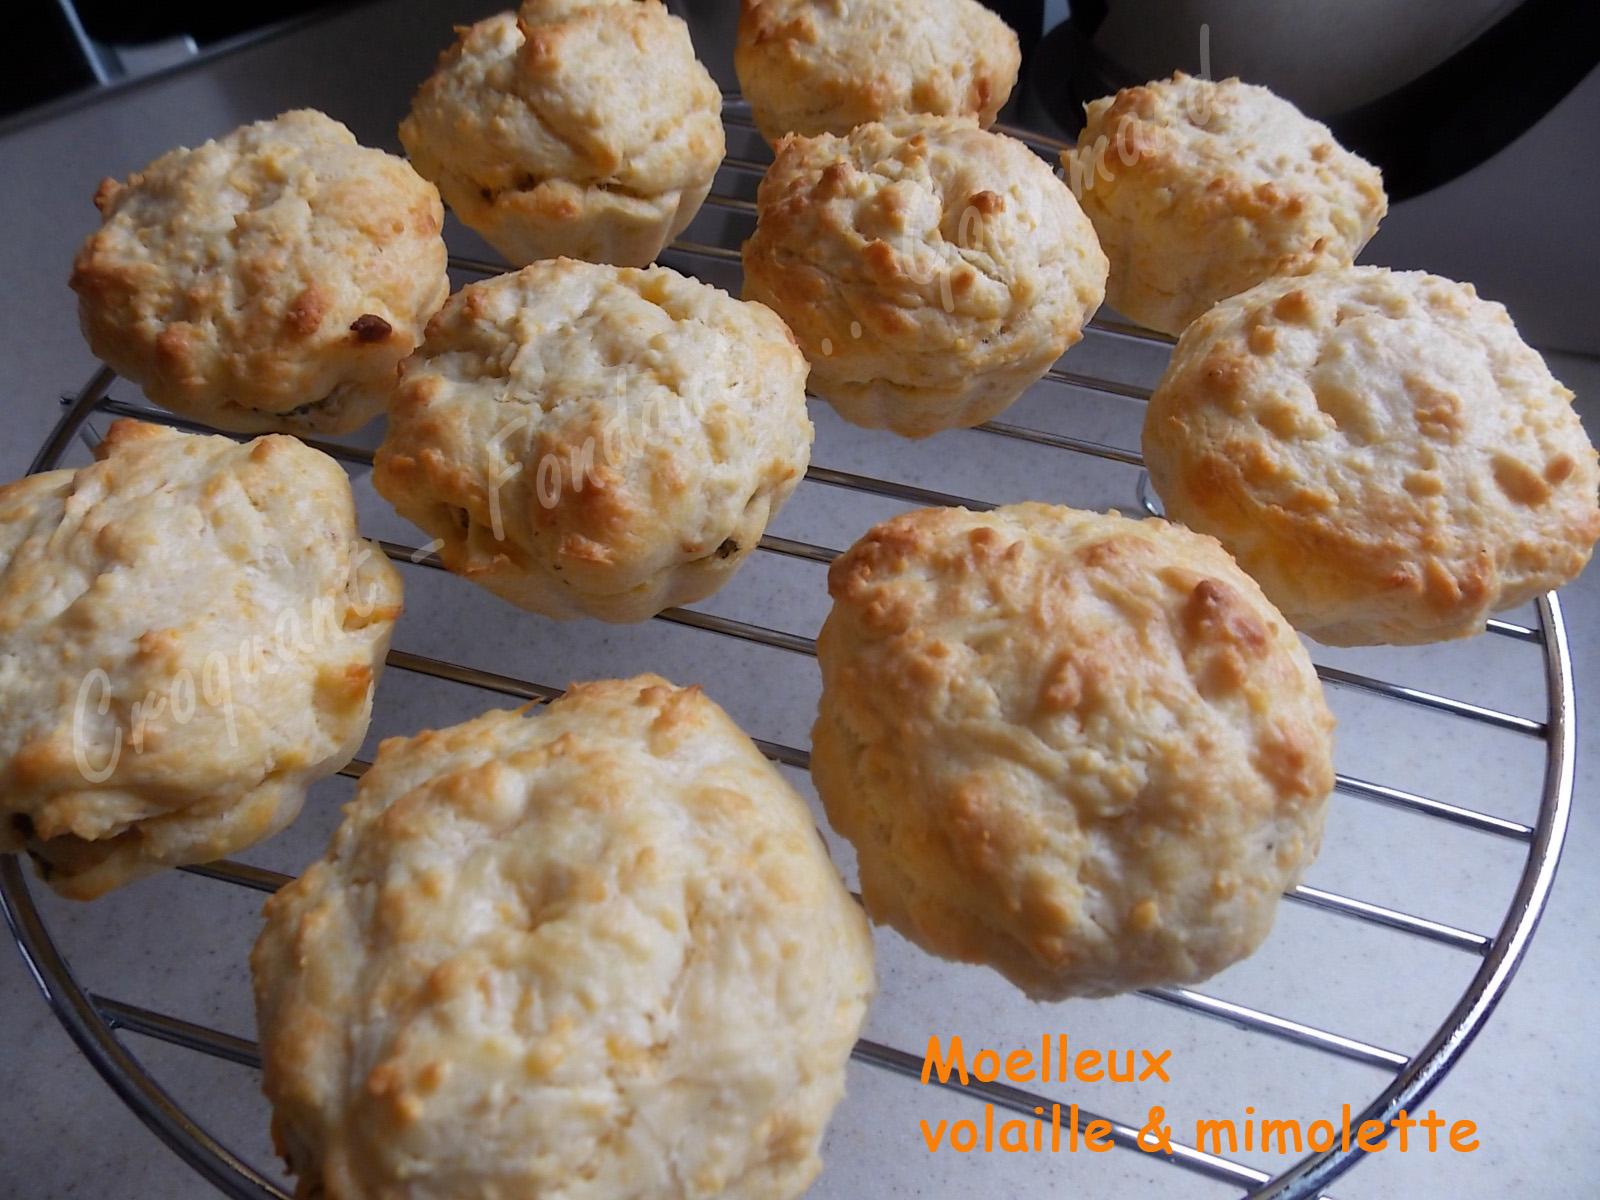 Moelleux poulet et mimolette croquant fondant gourmand - Cuisiner des blancs de poulet moelleux ...